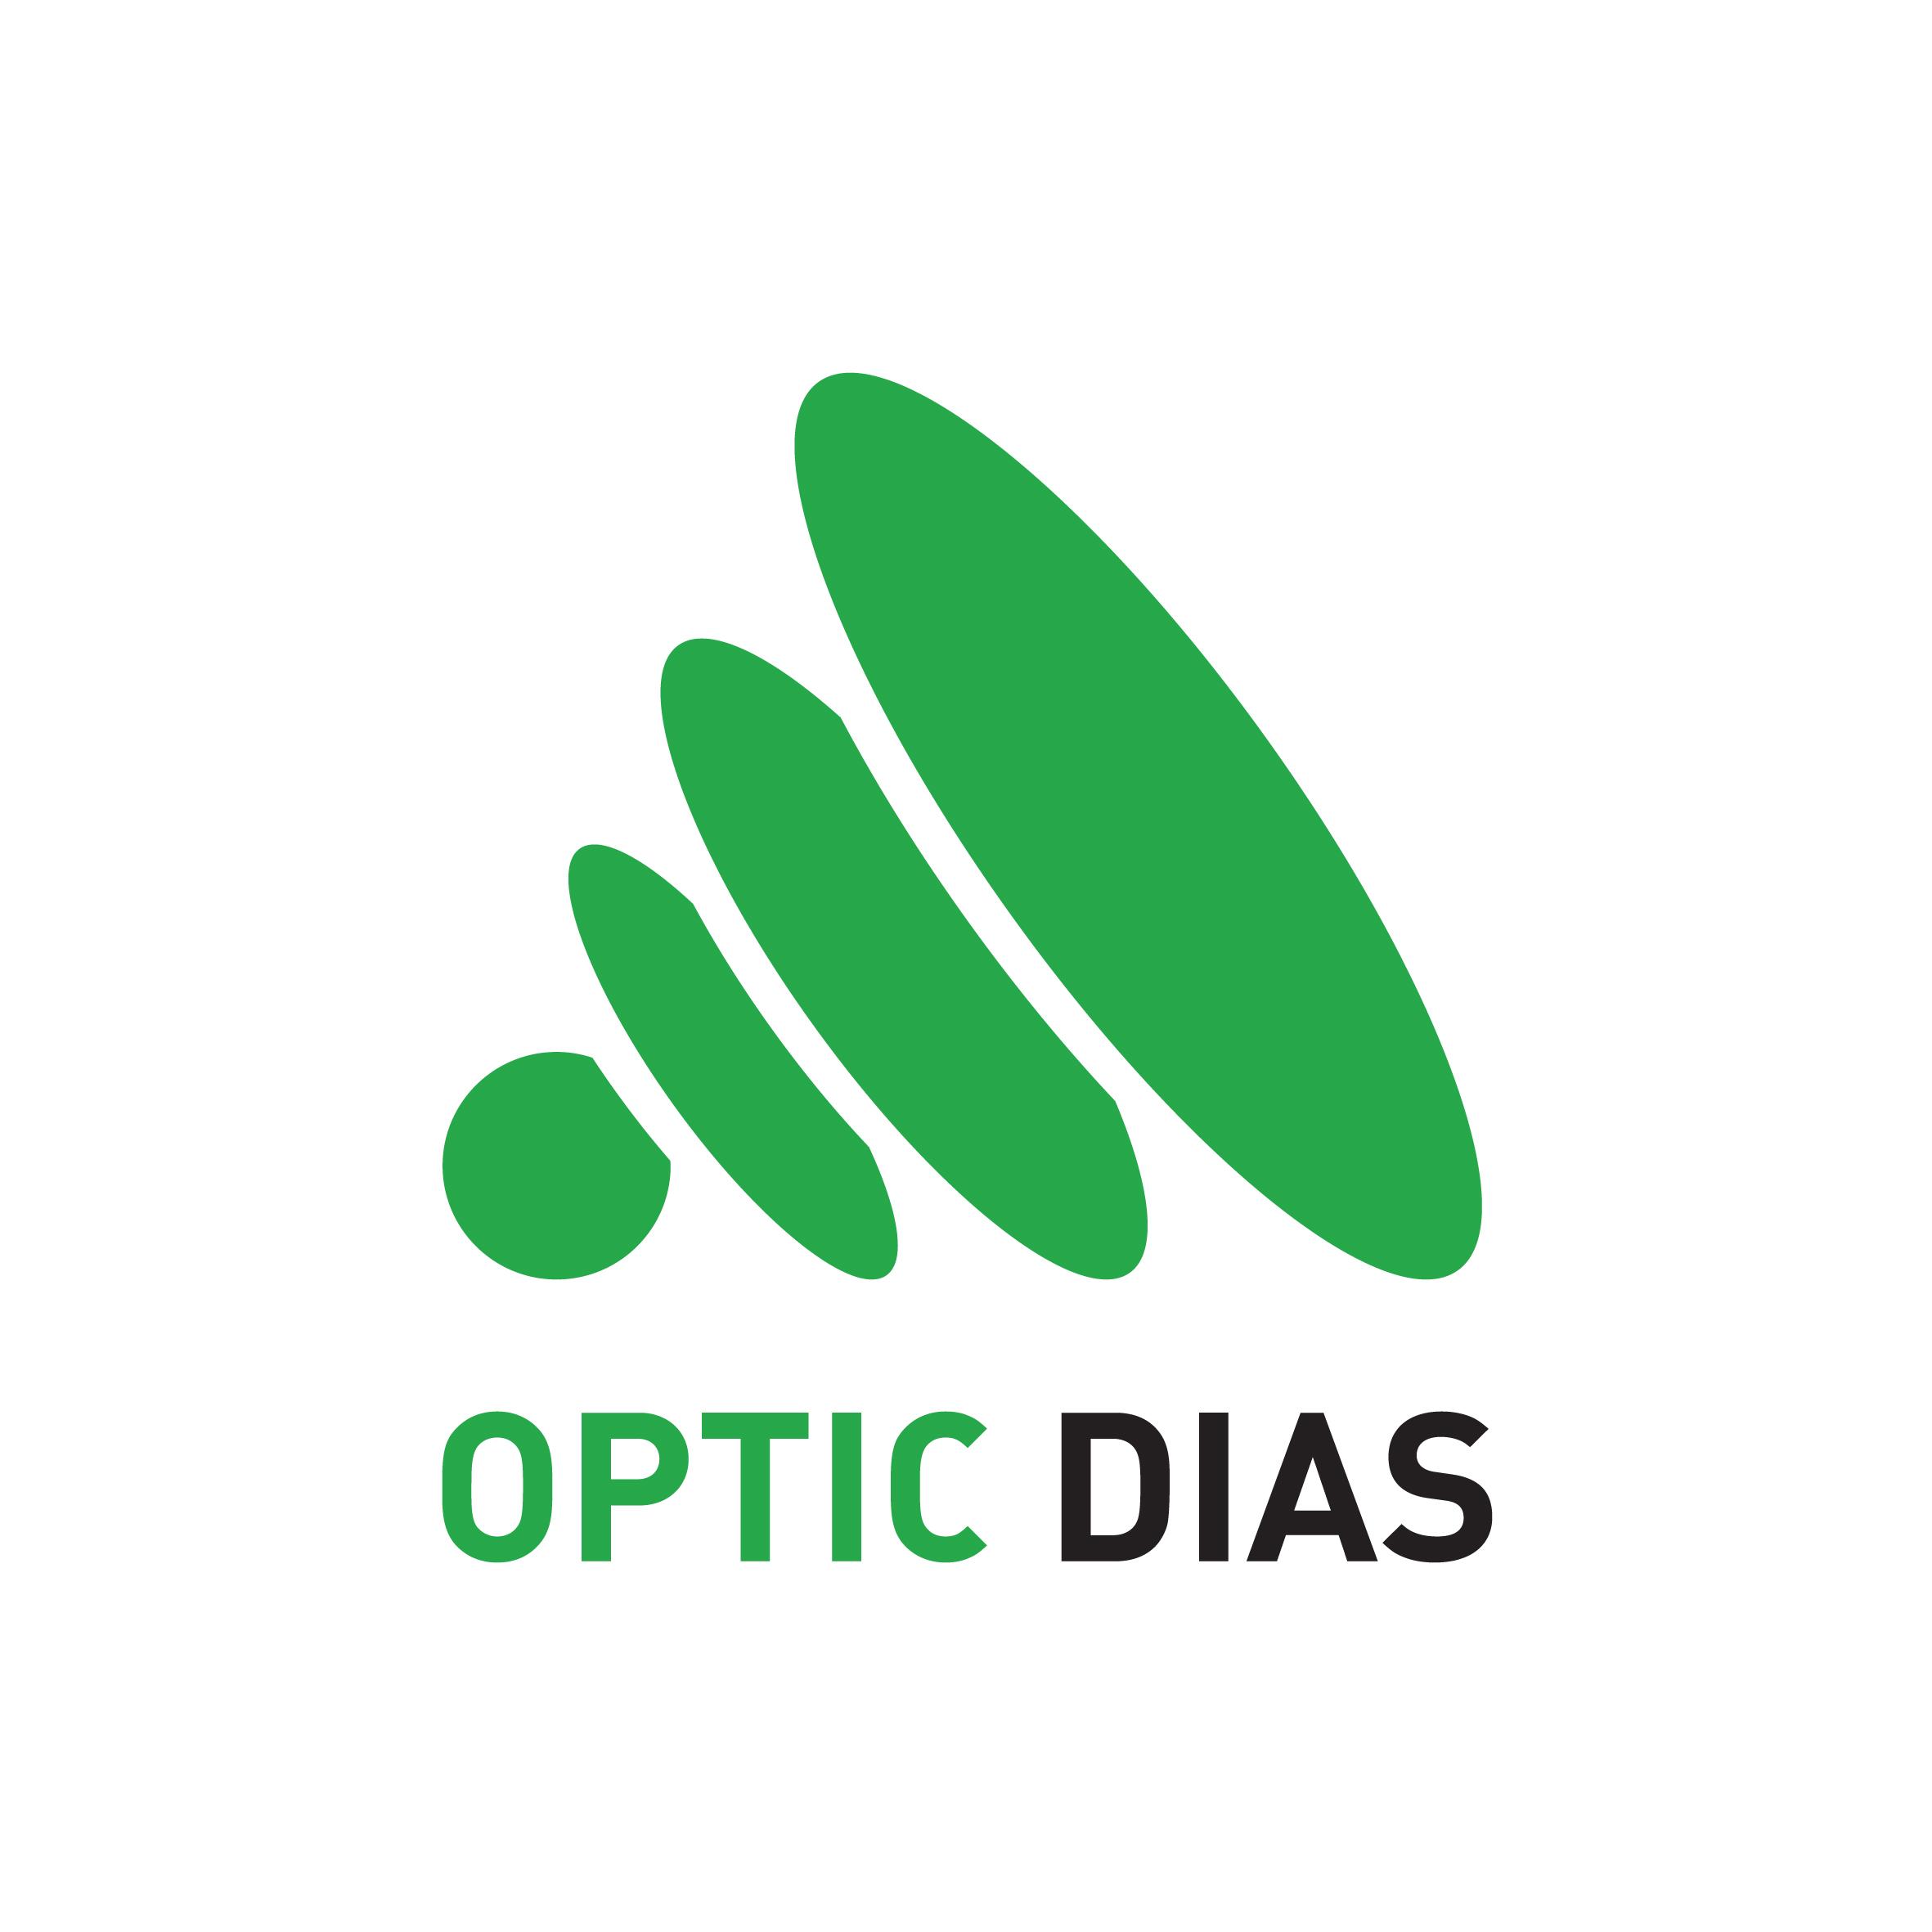 Optic DIAS